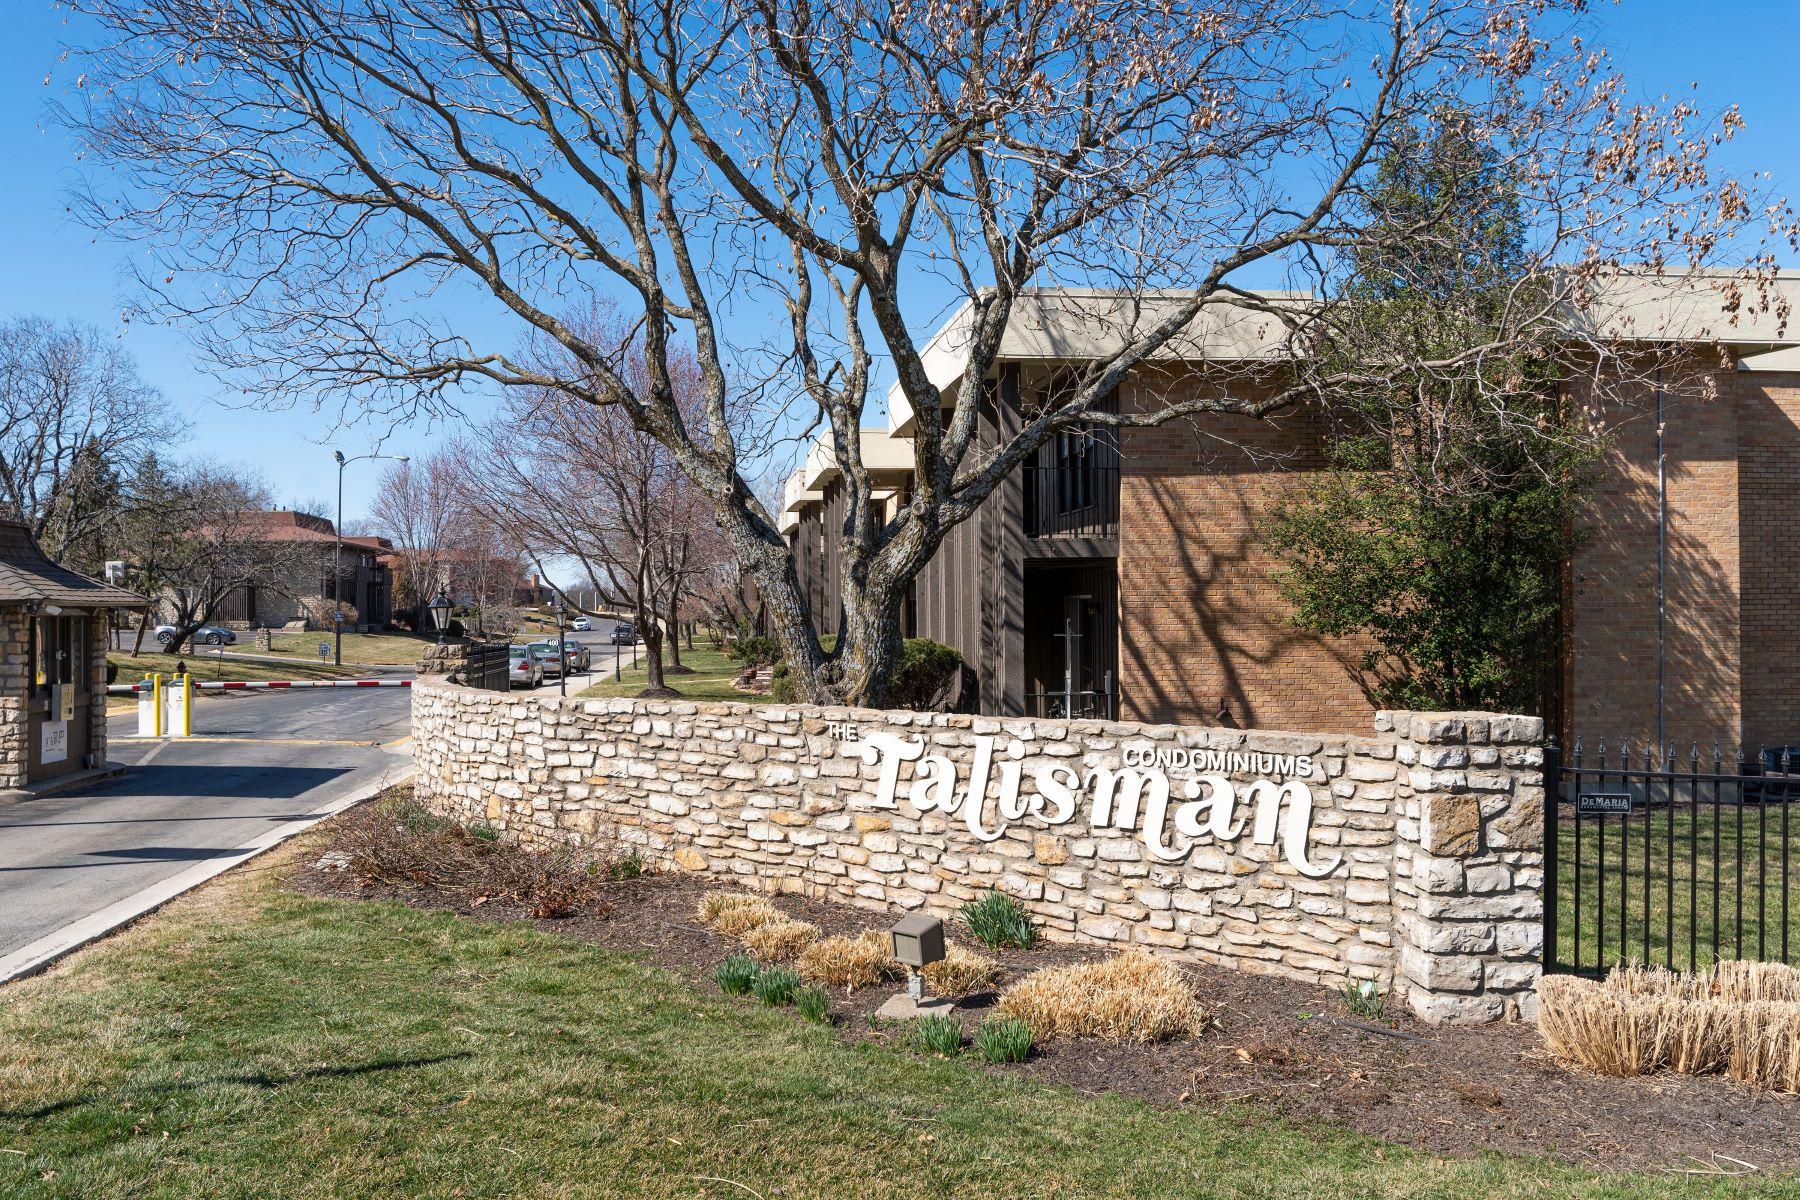 Condominiums 为 销售 在 449 West 104th Street, Kansas City, MO 64114 449 West 104th Street Unit C Kansas City, 密苏里州 64114 美国